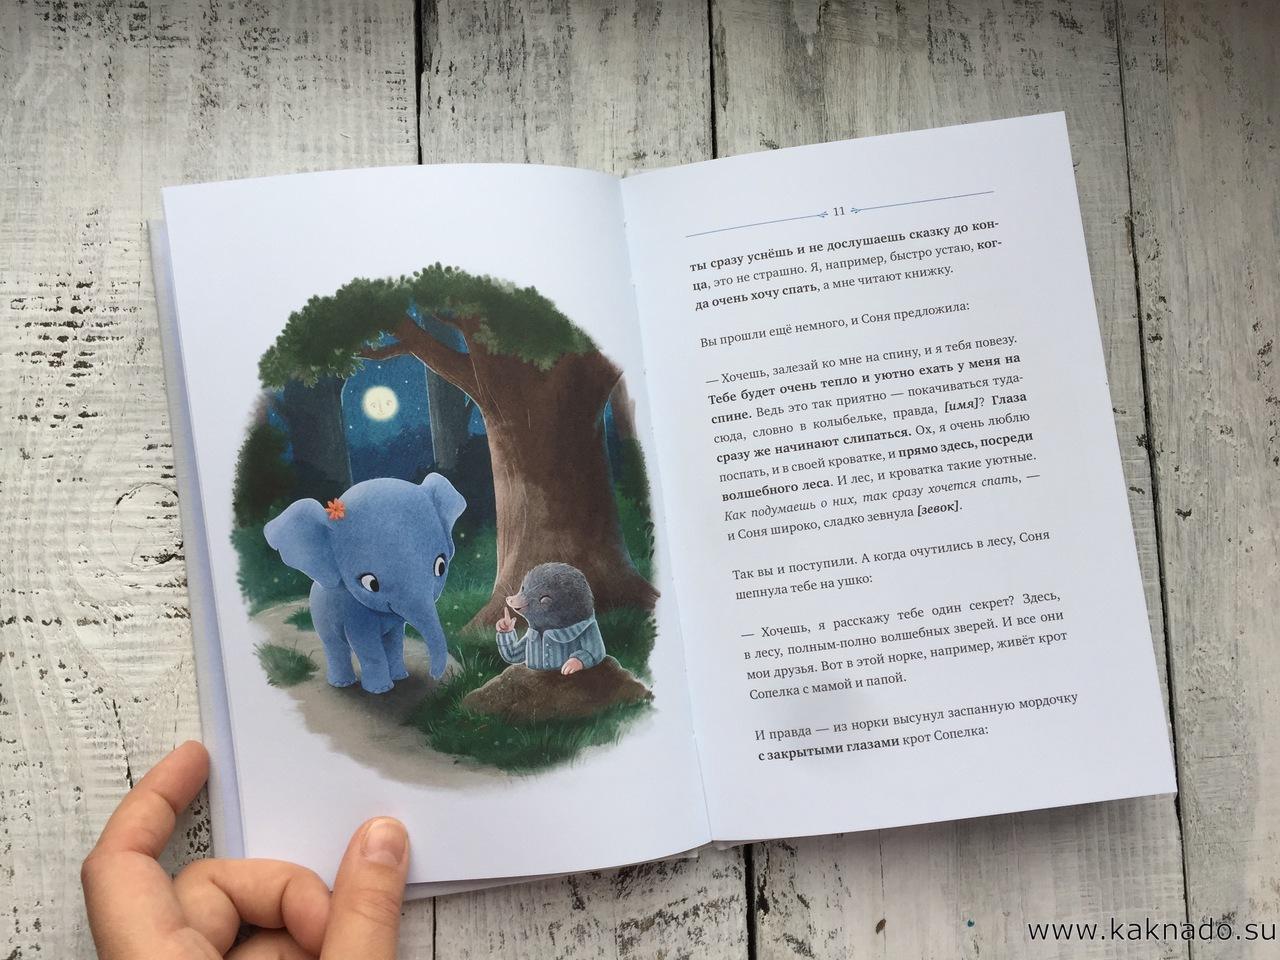 Слоненок, который хочет уснуть (3)